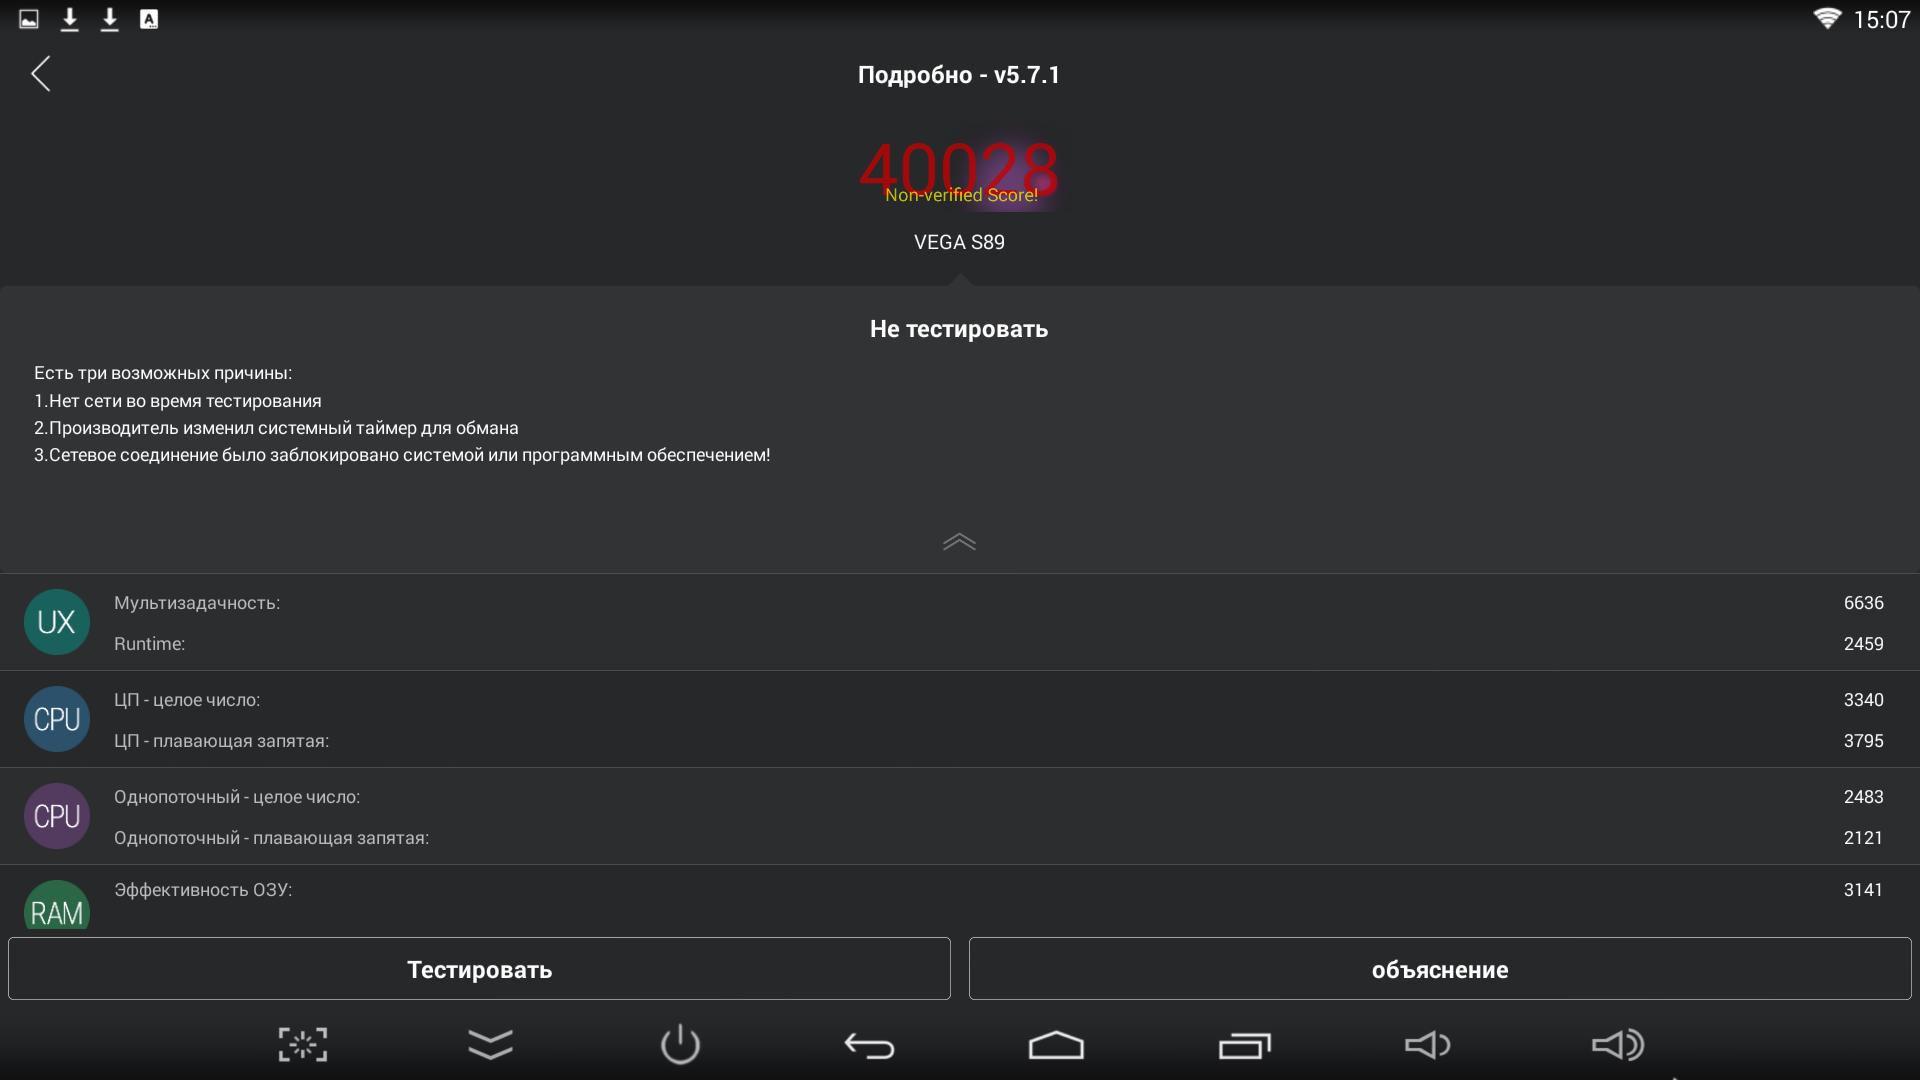 Показатели Antutu Benchmark на Tronsmart Vega S89-H